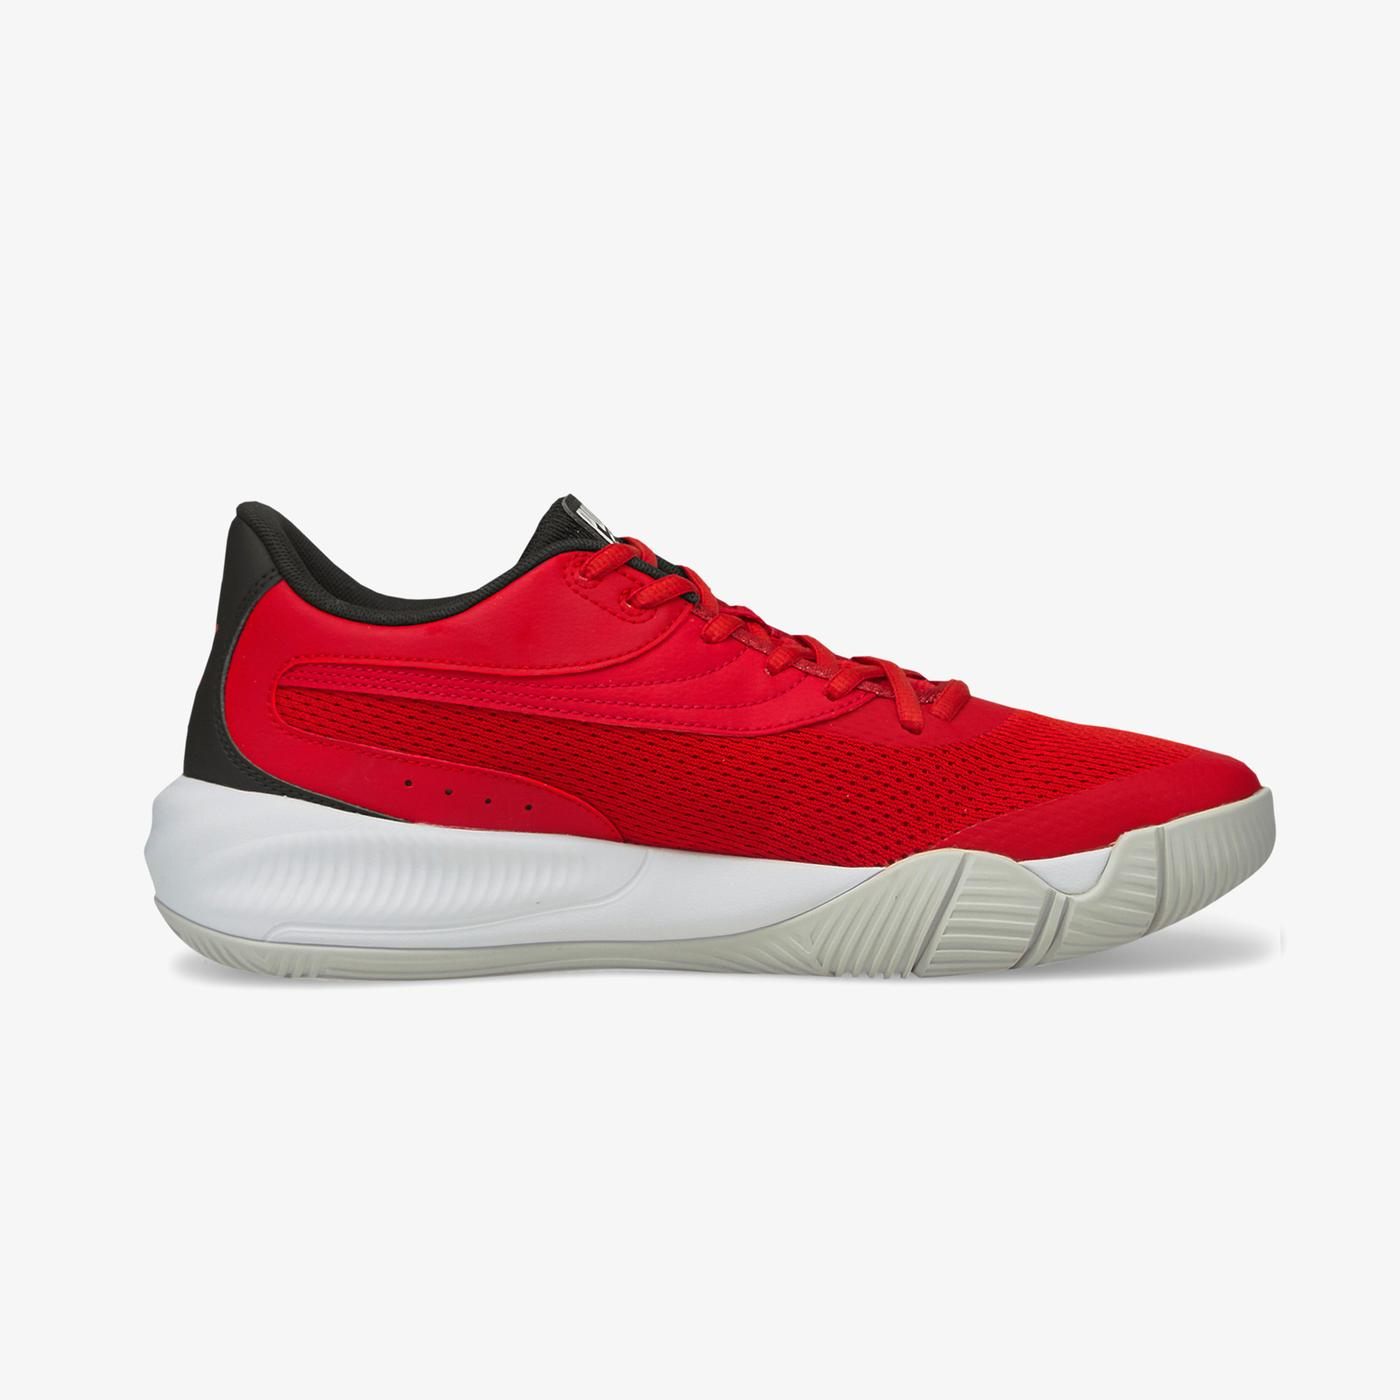 Puma Triple High Risk Erkek Kırmızı Spor Ayakkabı